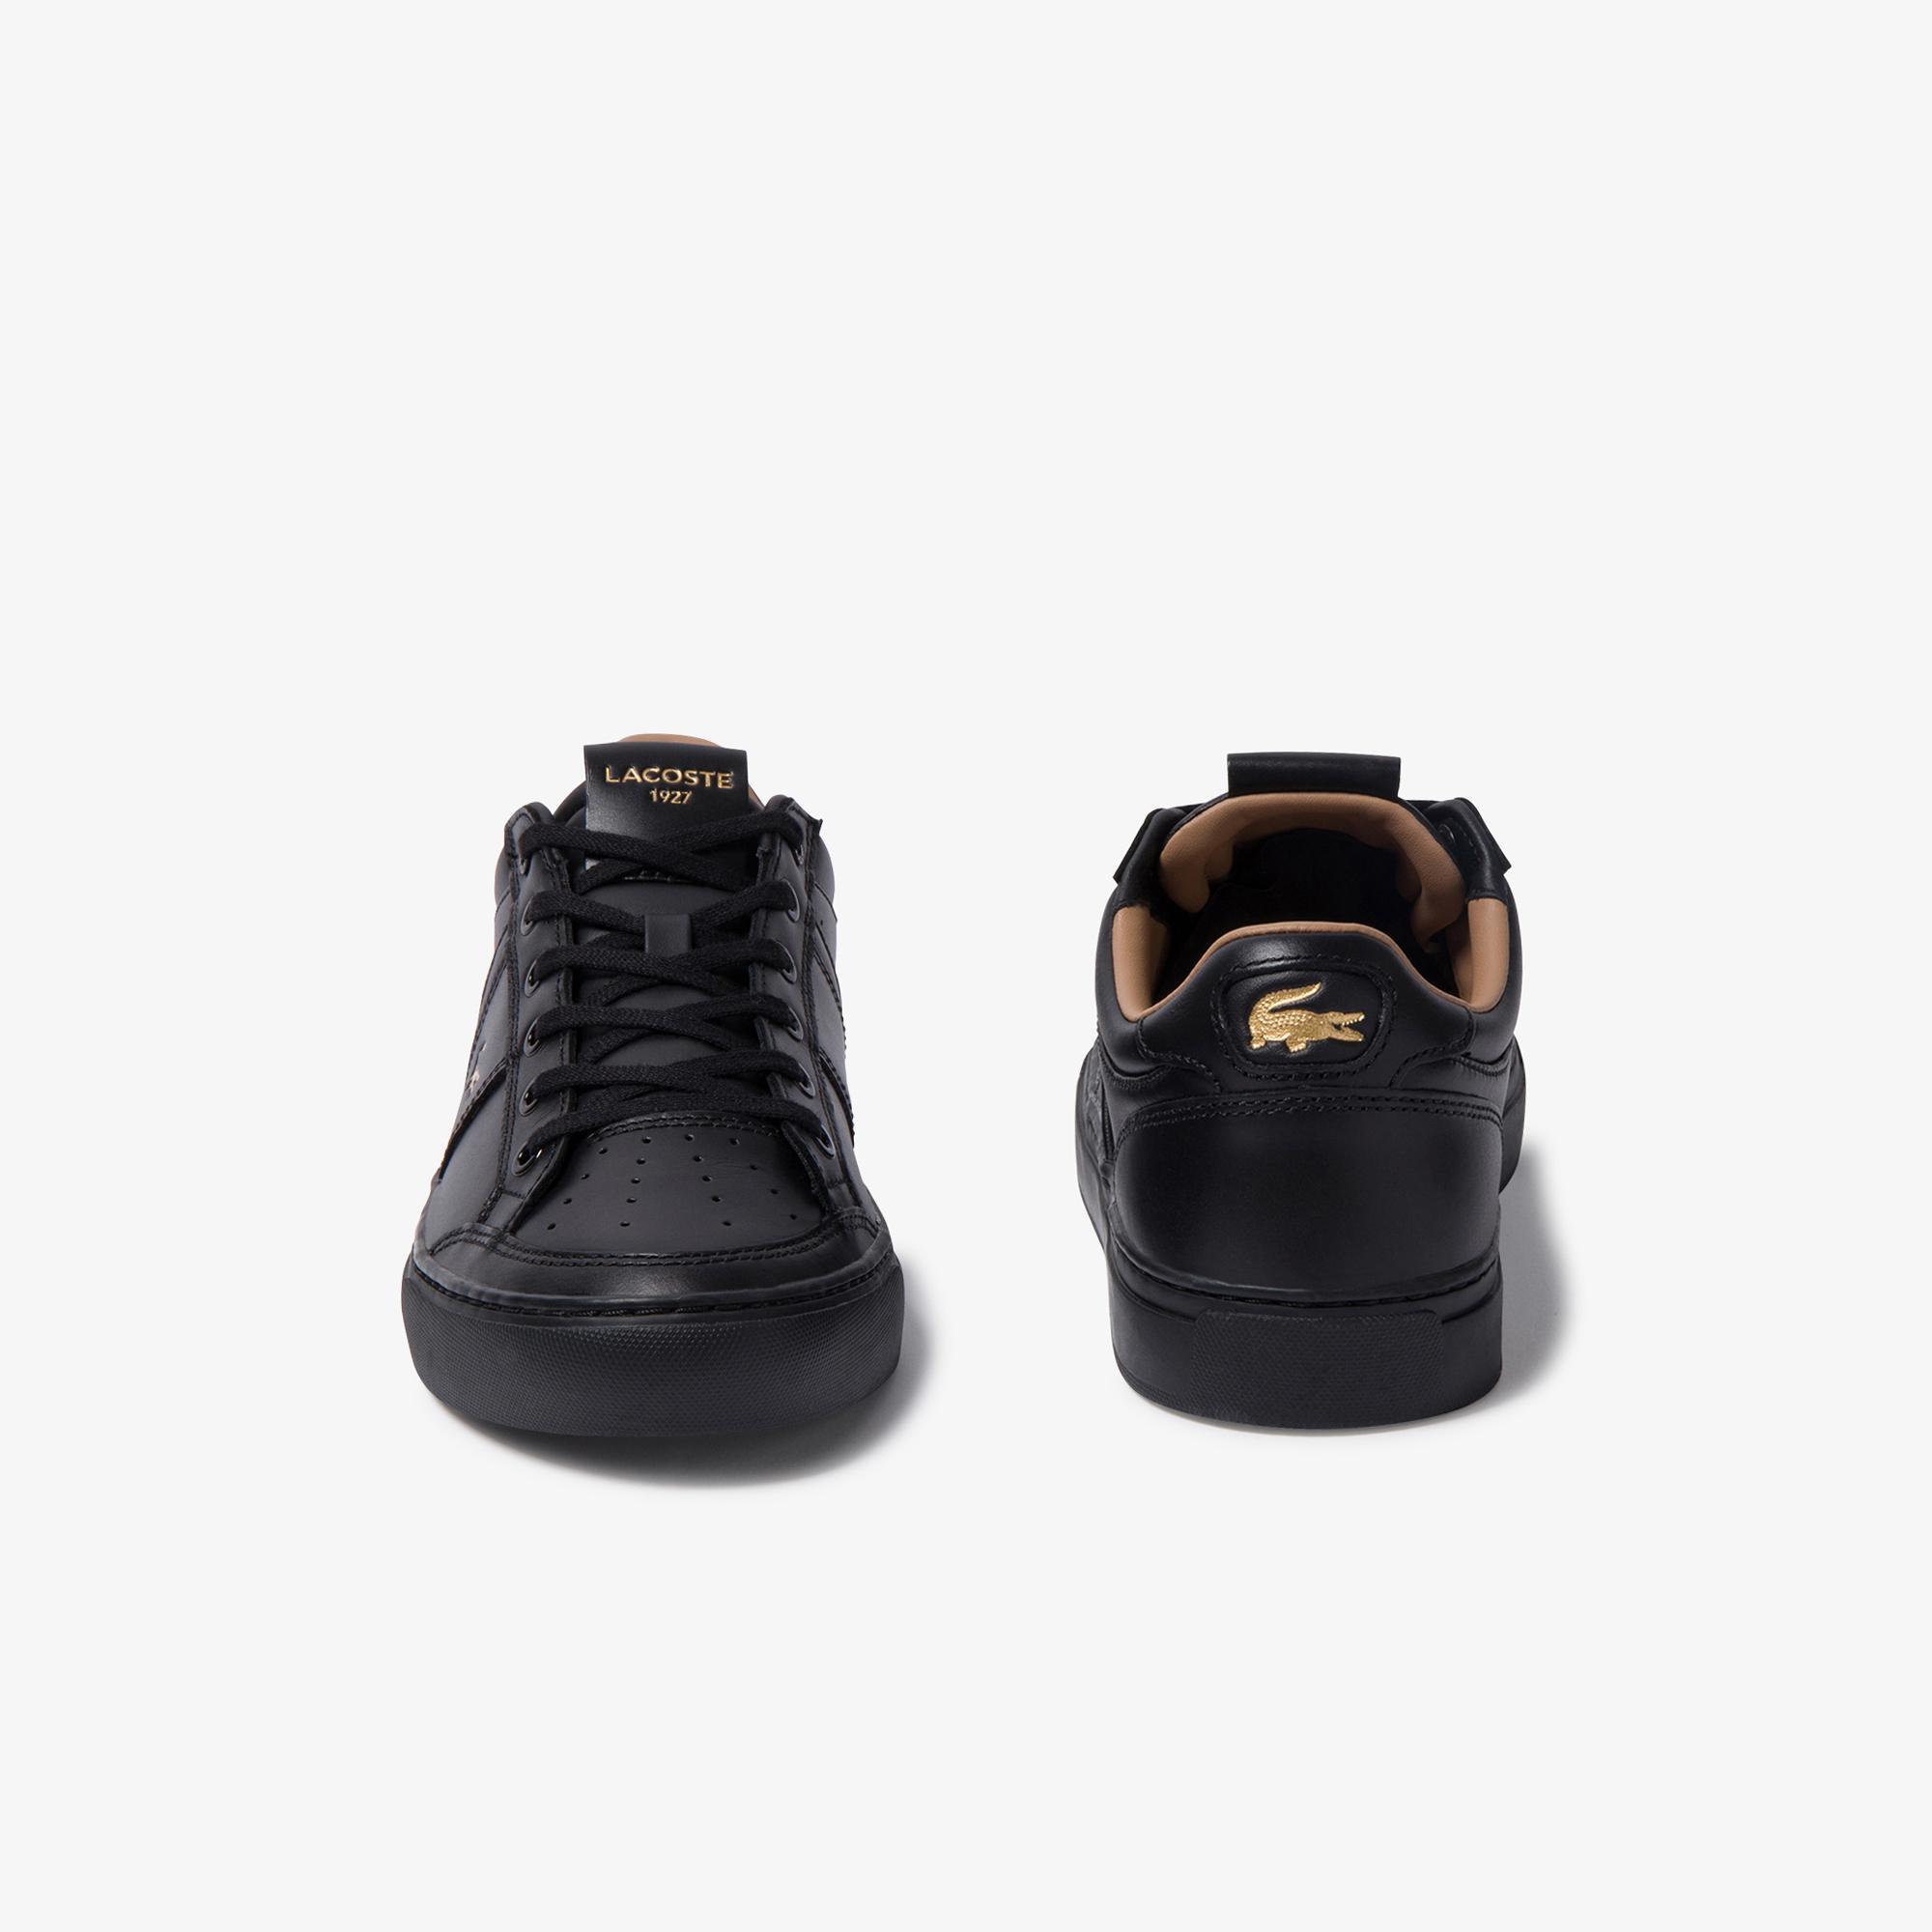 Lacoste Courtline 120 1 Us Cma Erkek Siyah Deri Casual Ayakkabı